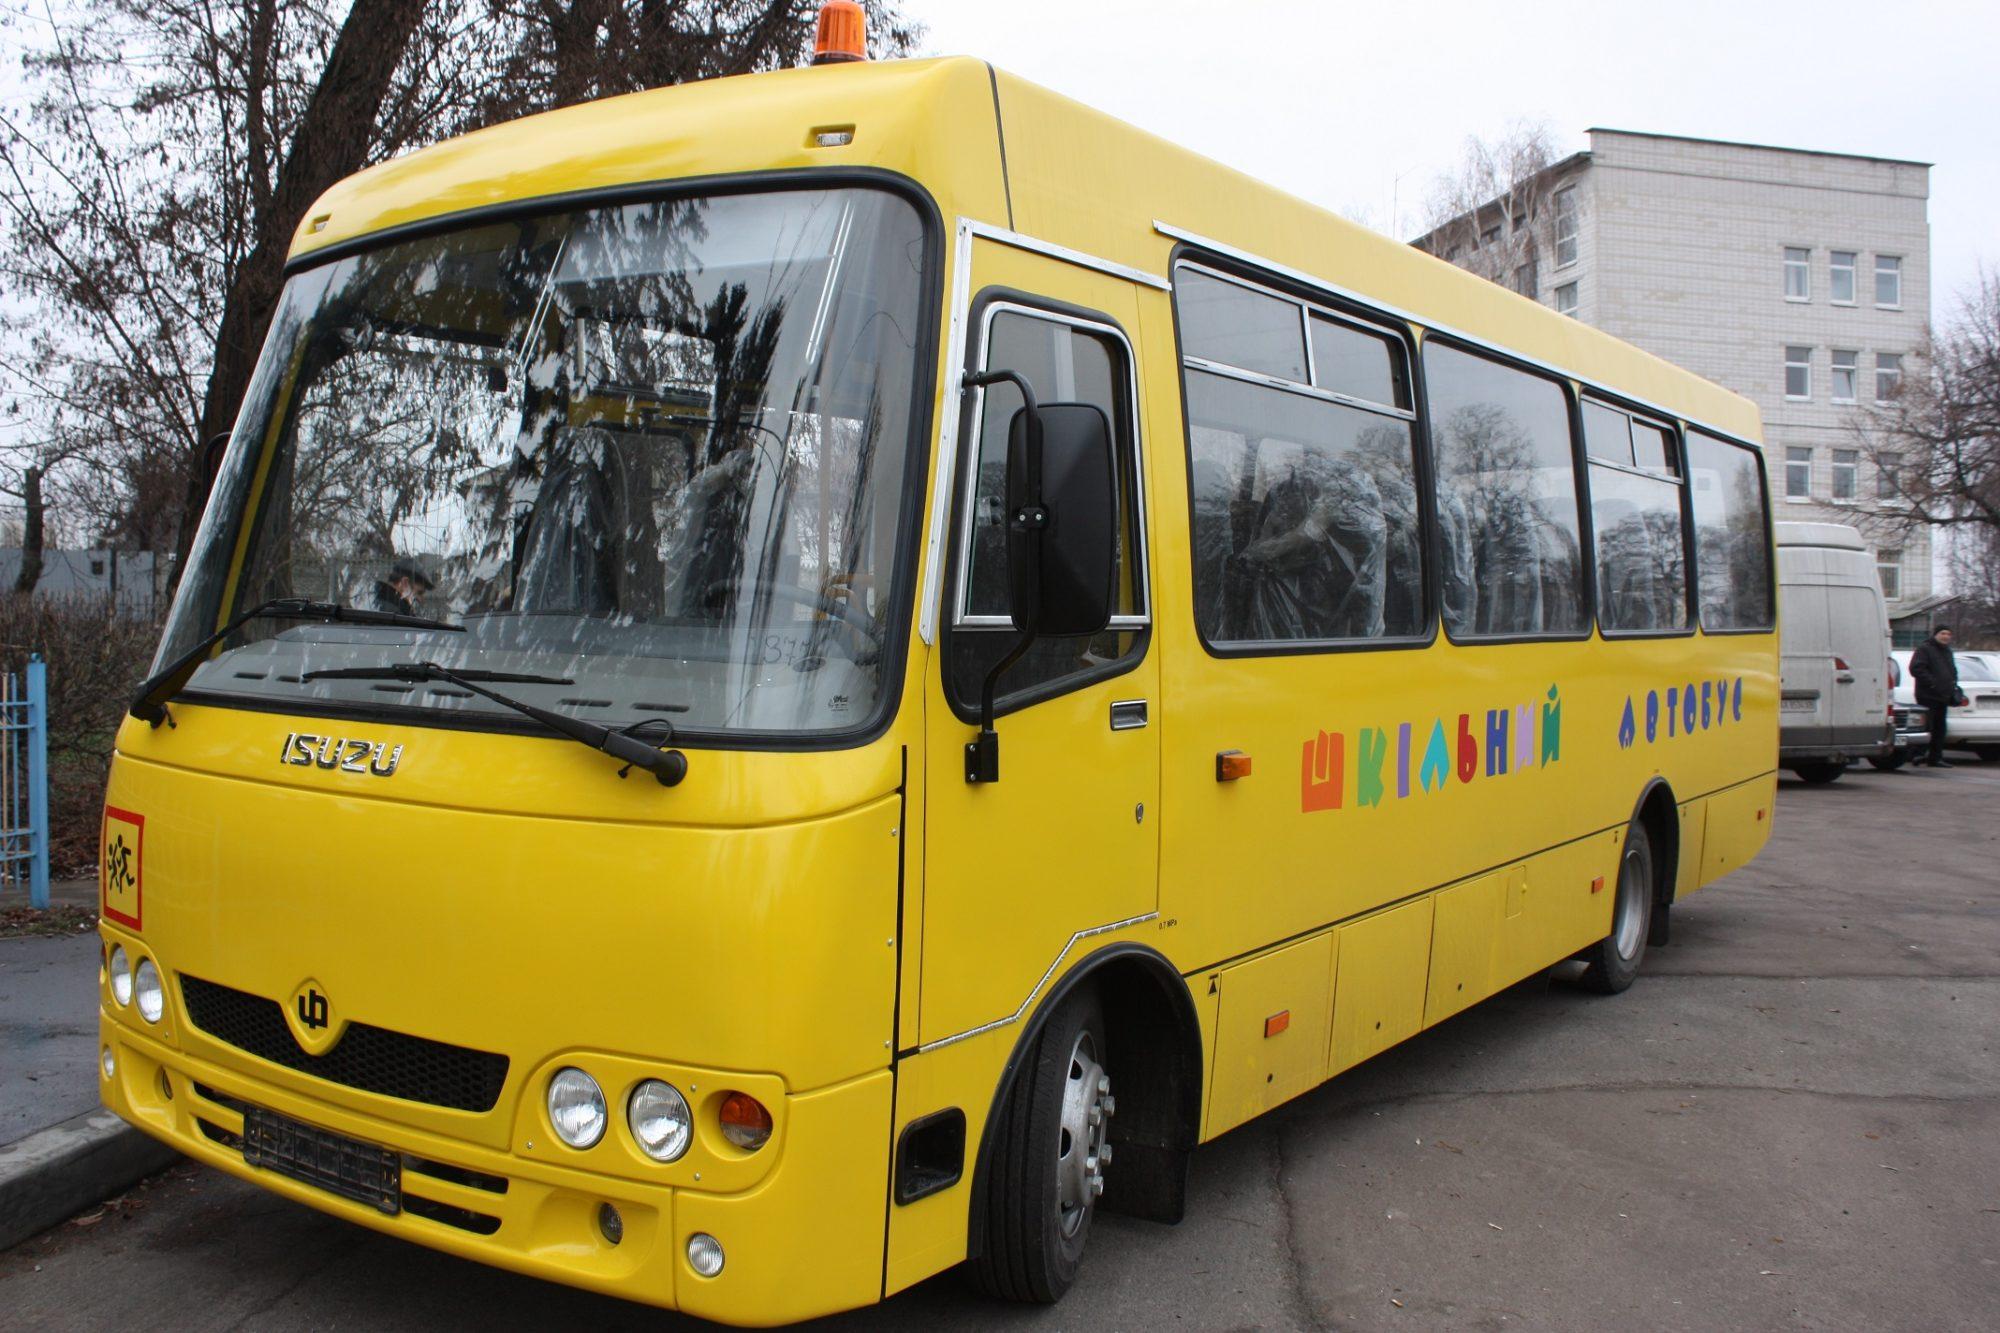 77d2a1e168e7023dc08bff8193283492-2000x1333 Для учнів чотирьох сіл Бориспільщини придбали автобус